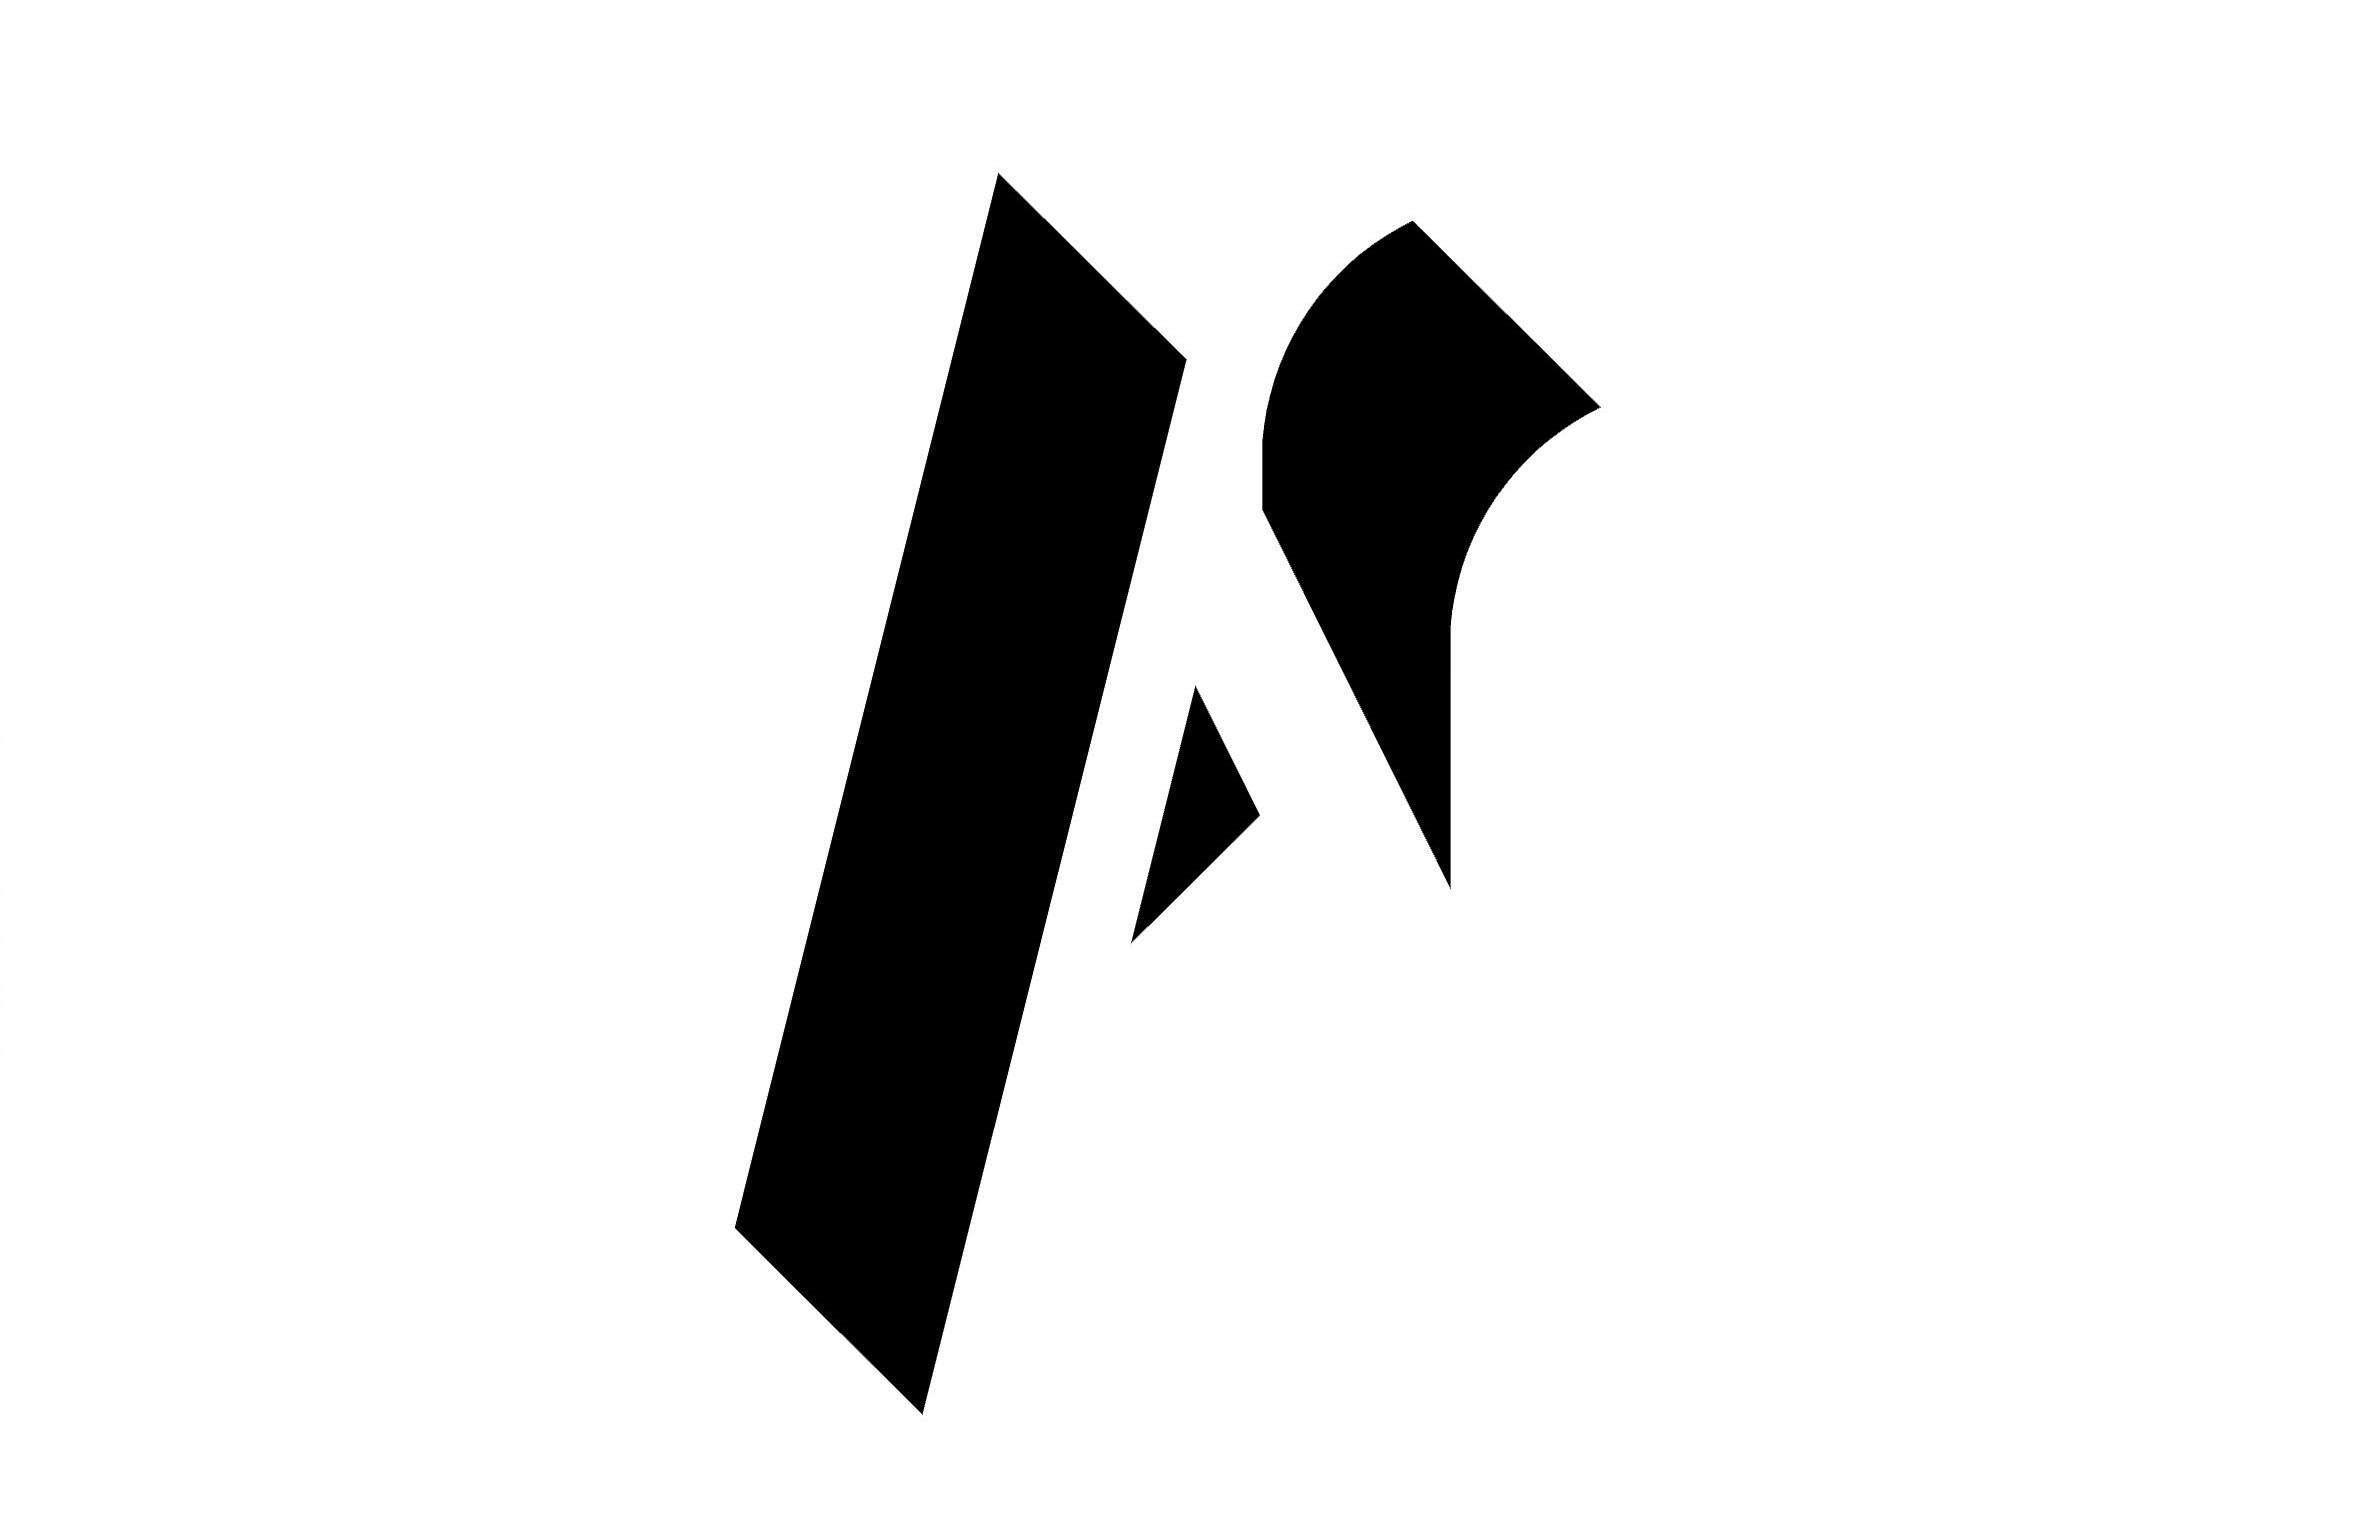 Architect's logo